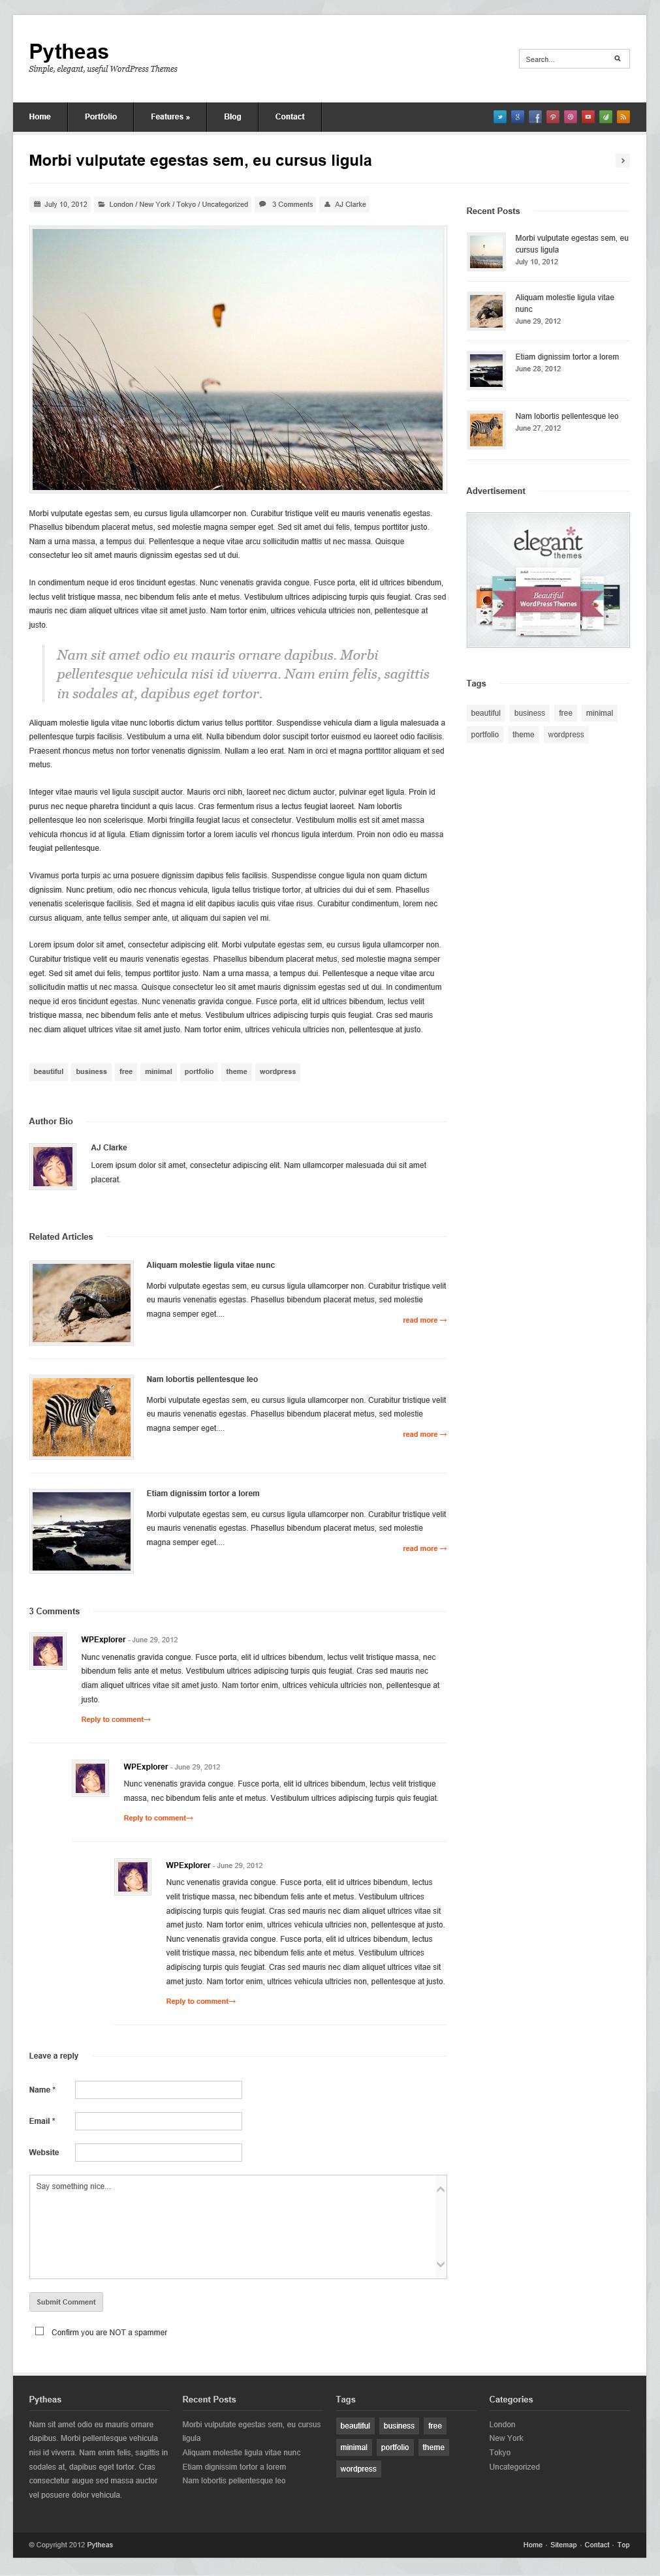 Pytheas - отзывчивая тема для корпоративного блога (5)